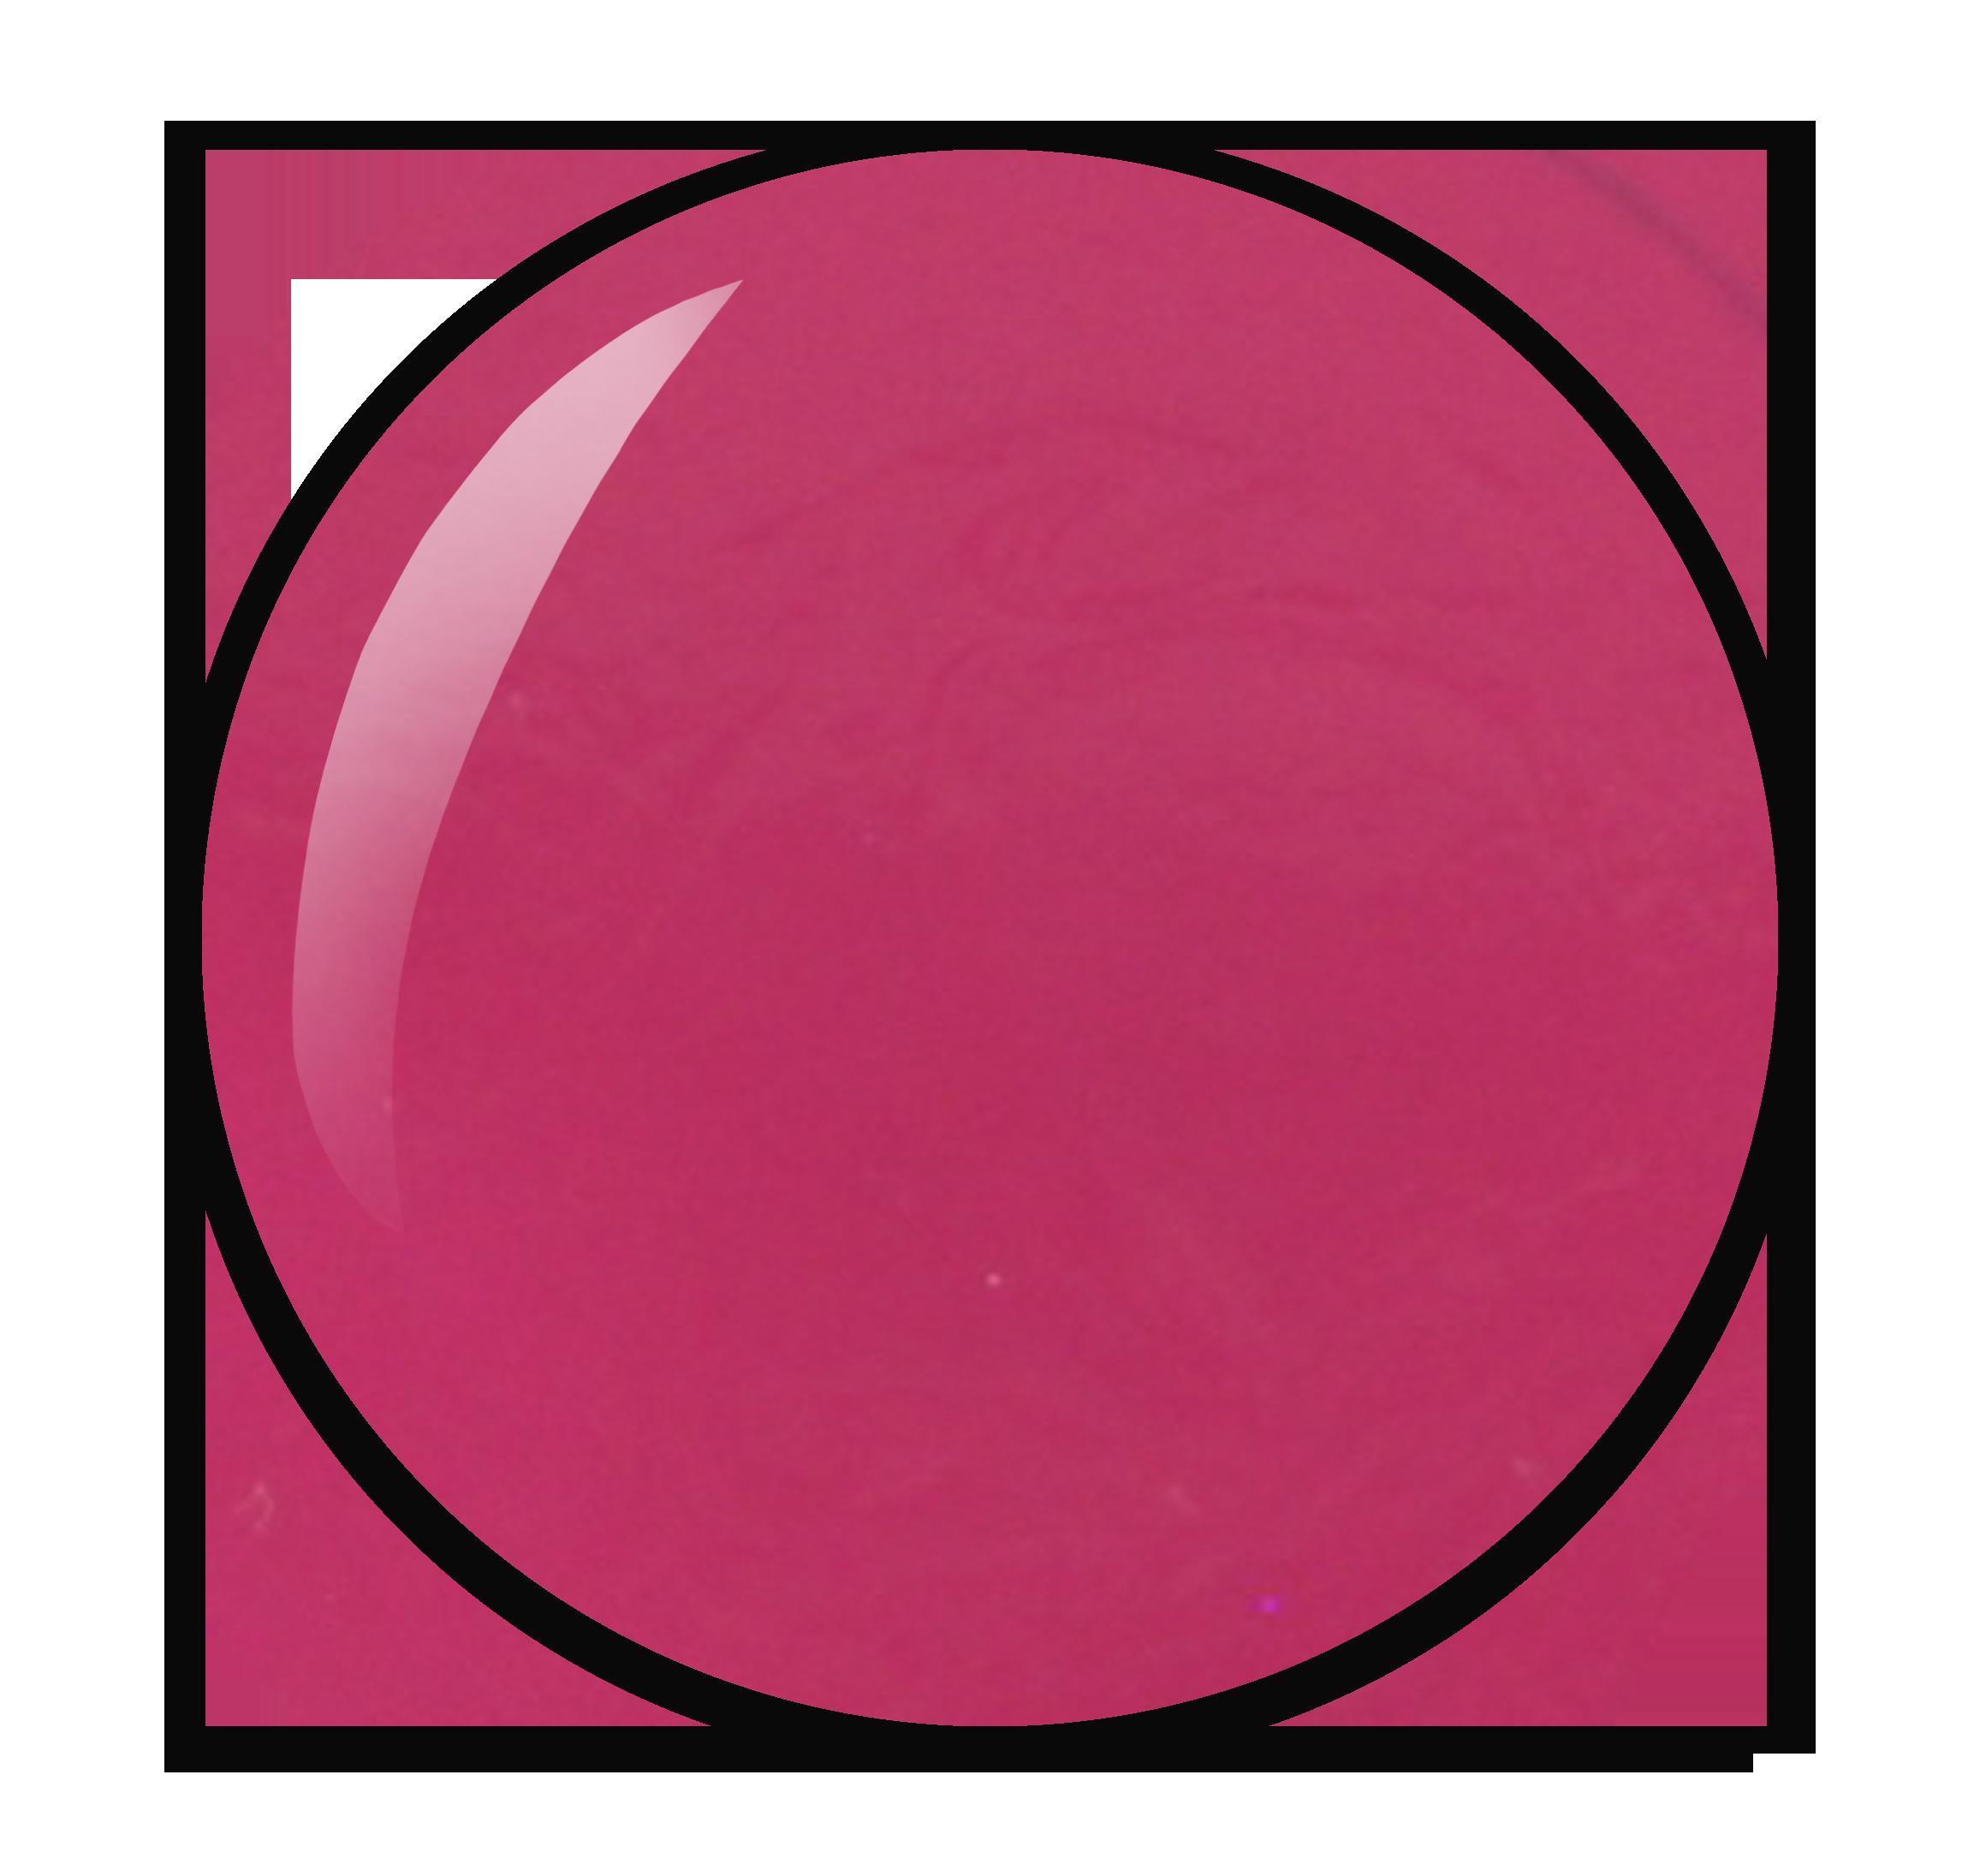 Donker roze nagellak nummer 102 uit Herôme collectie